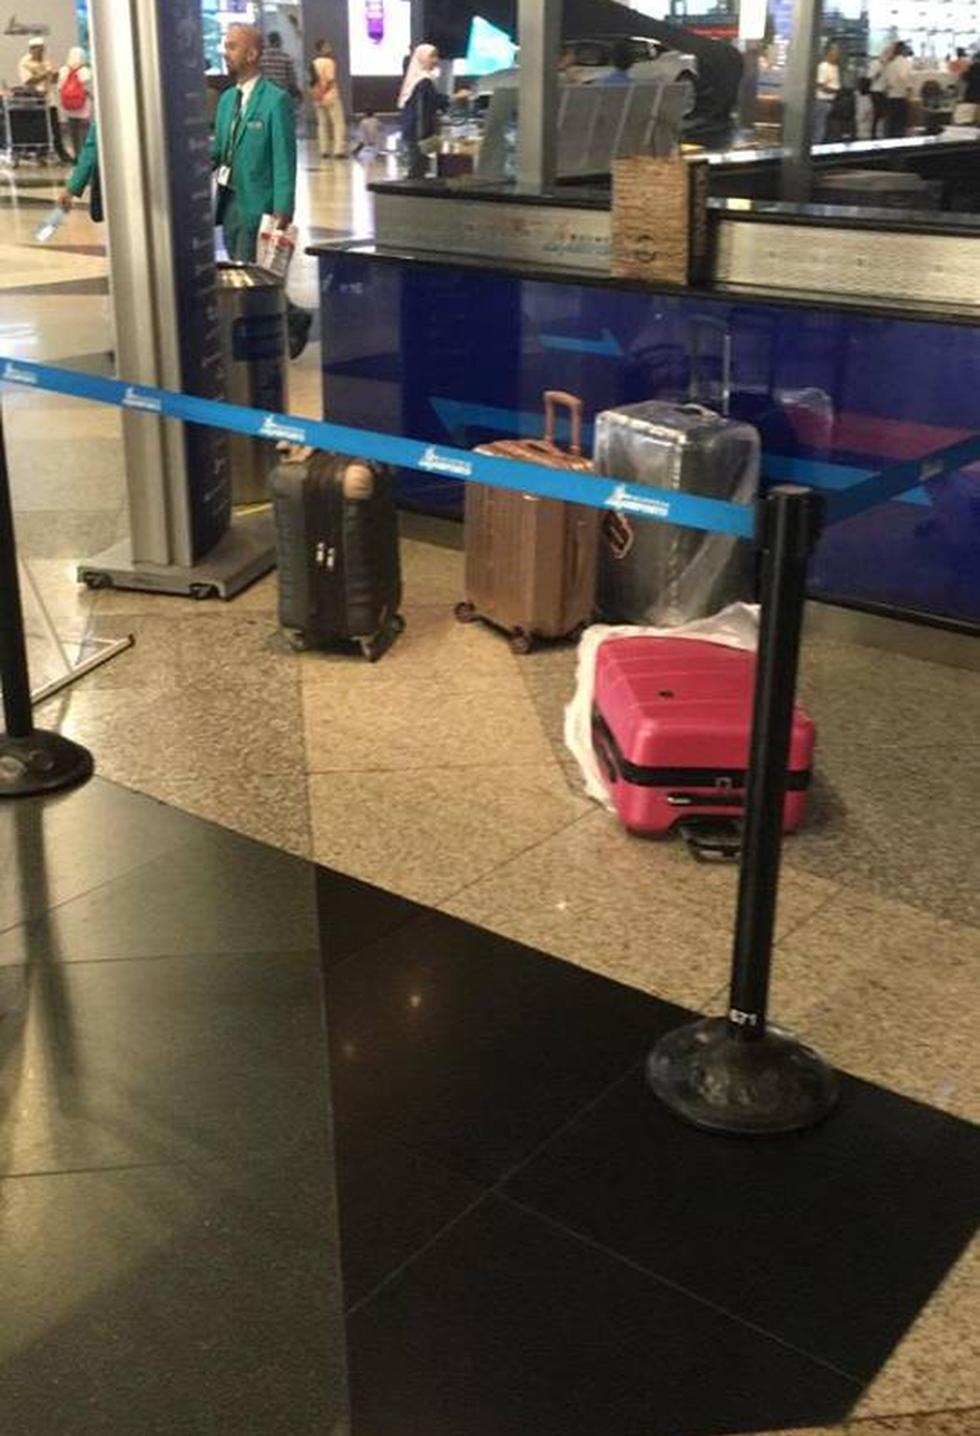 Hành lý cùa 2 nữ hành khách ở sân bay được tạm tách riêng. (Ảnh: Internet)